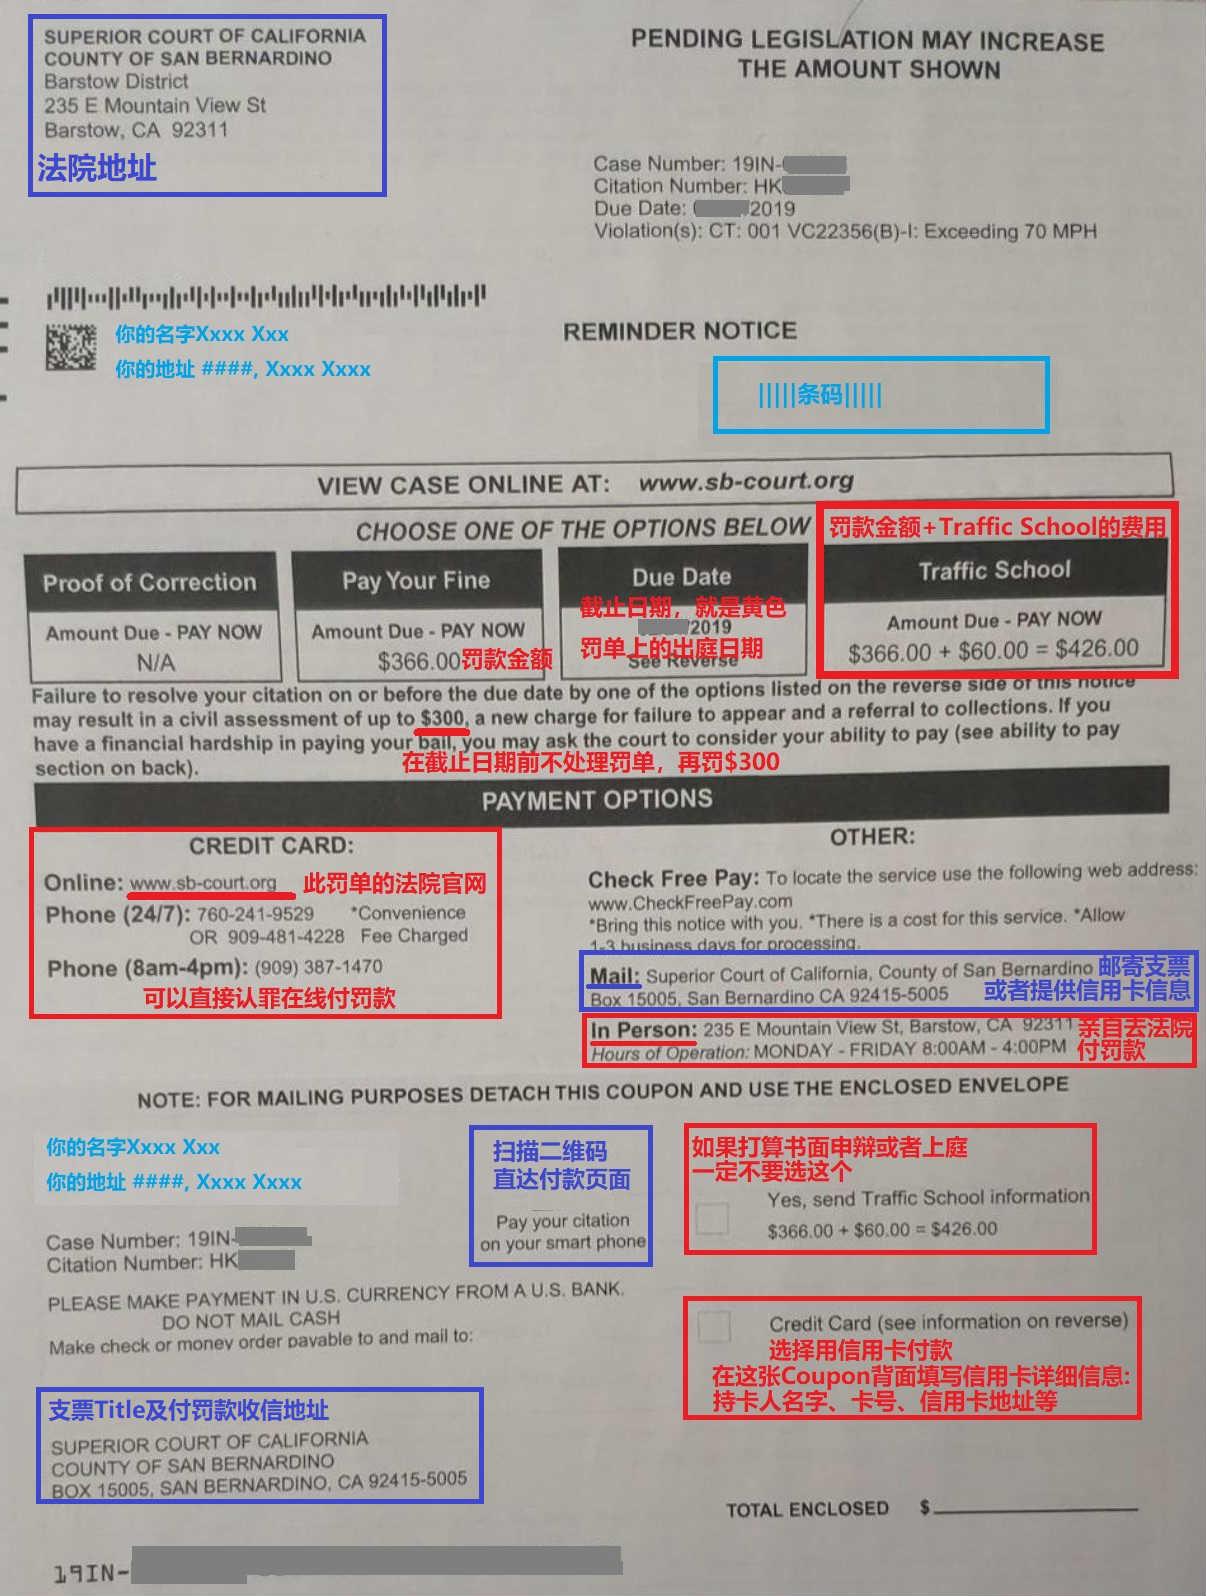 交通罚单 法院通知信 Reminder Notice